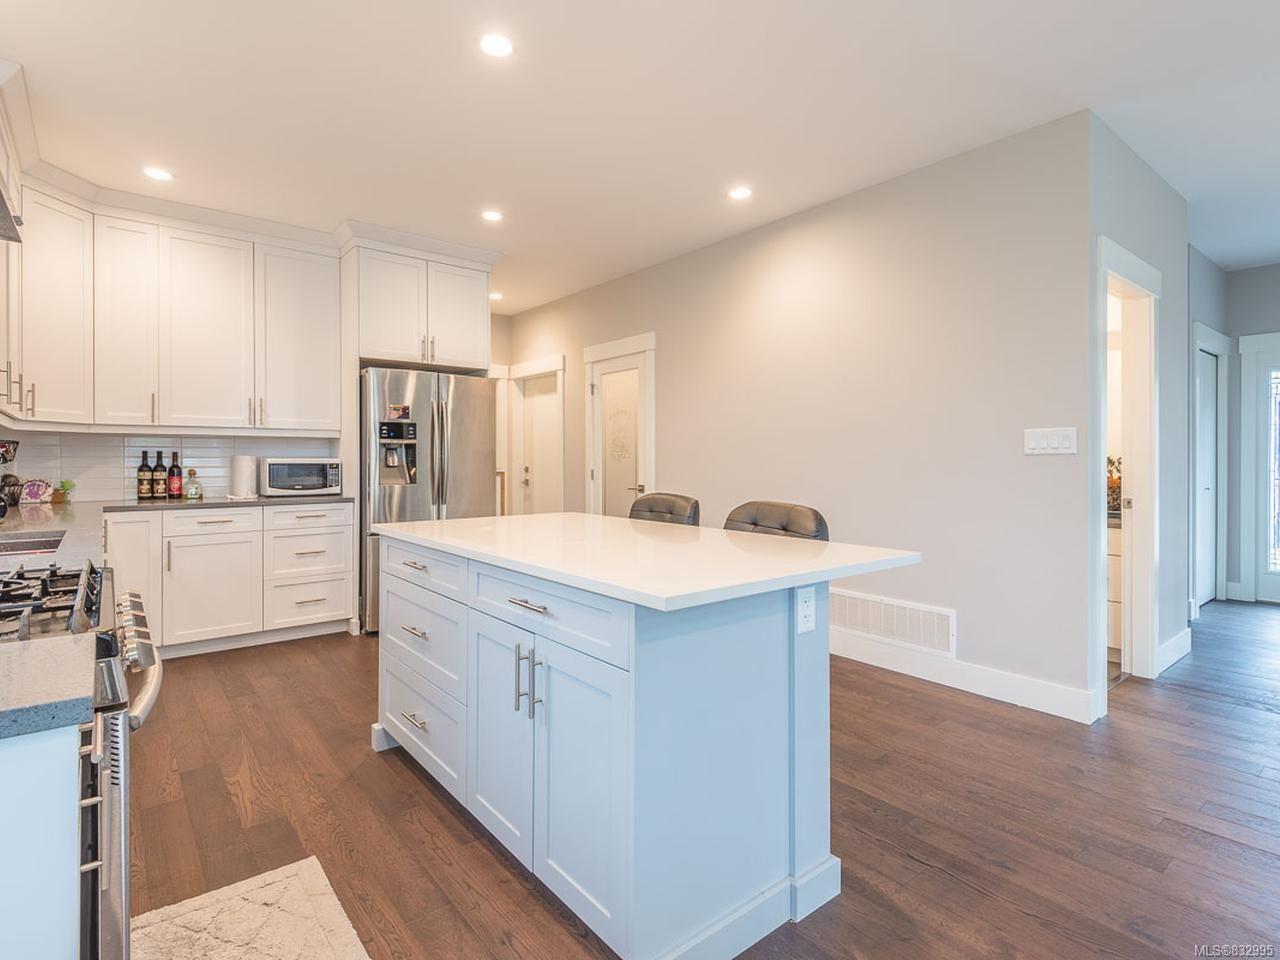 Photo 6: Photos: 5896 Linyard Rd in NANAIMO: Na North Nanaimo House for sale (Nanaimo)  : MLS®# 832995